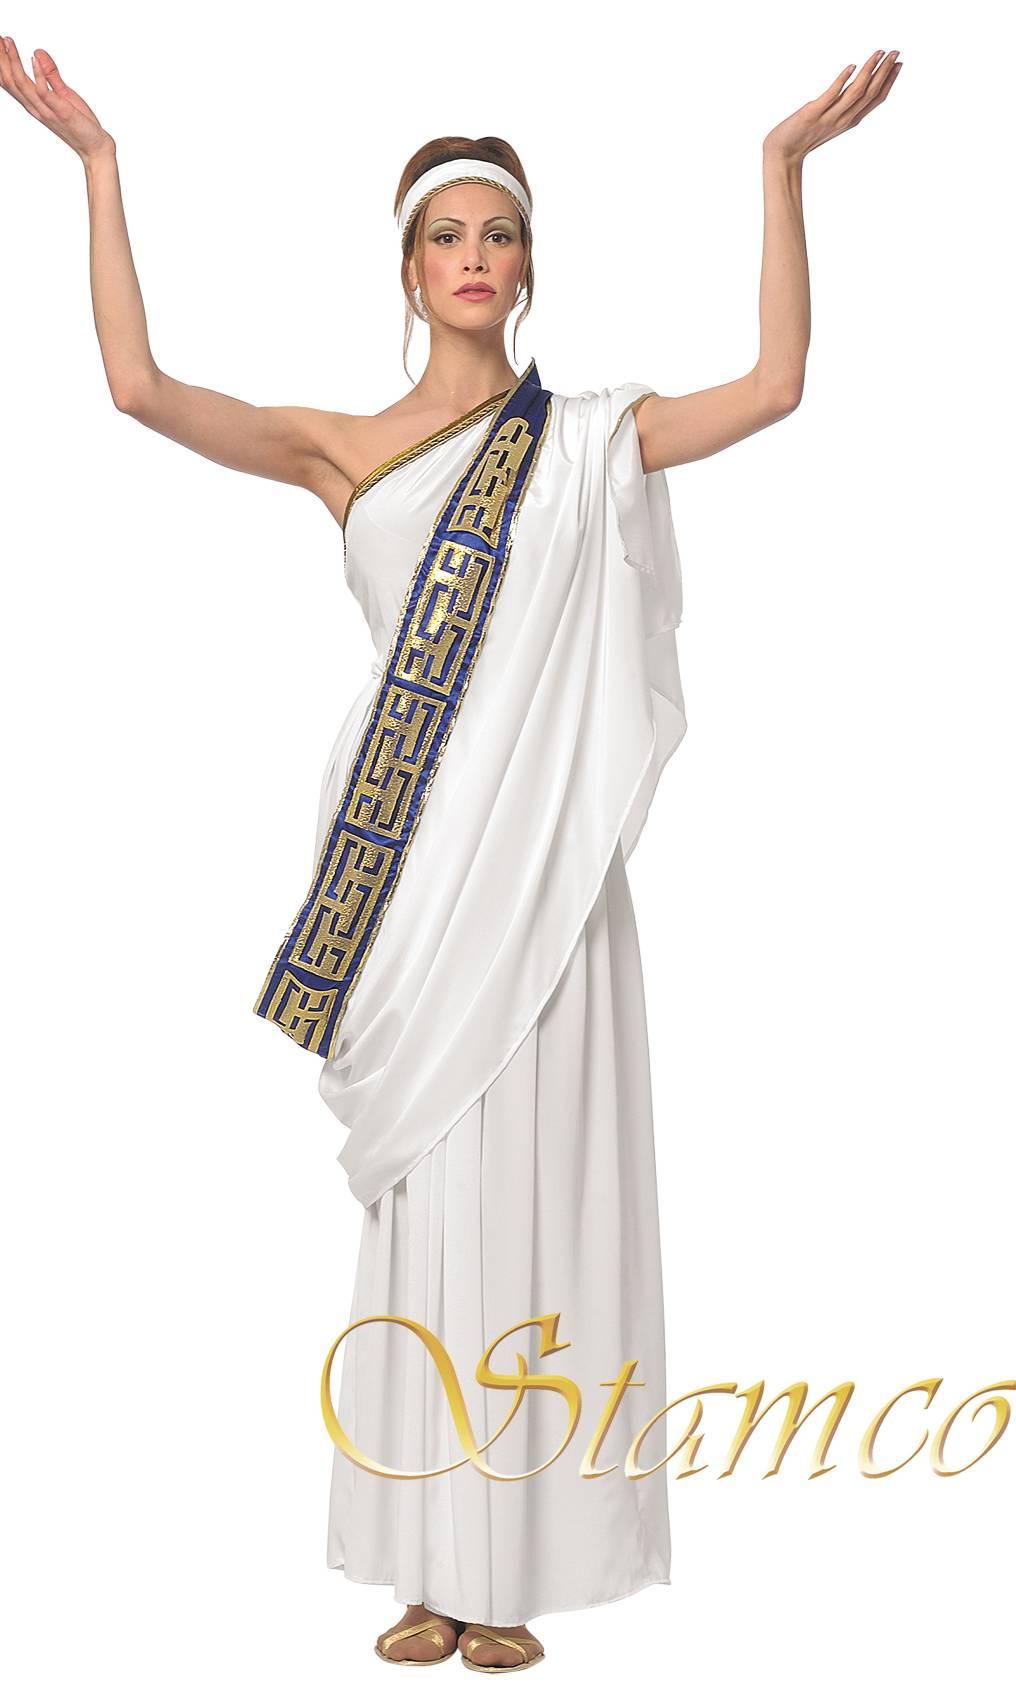 Costume antique f1 v29692 - Deguisement grece antique ...